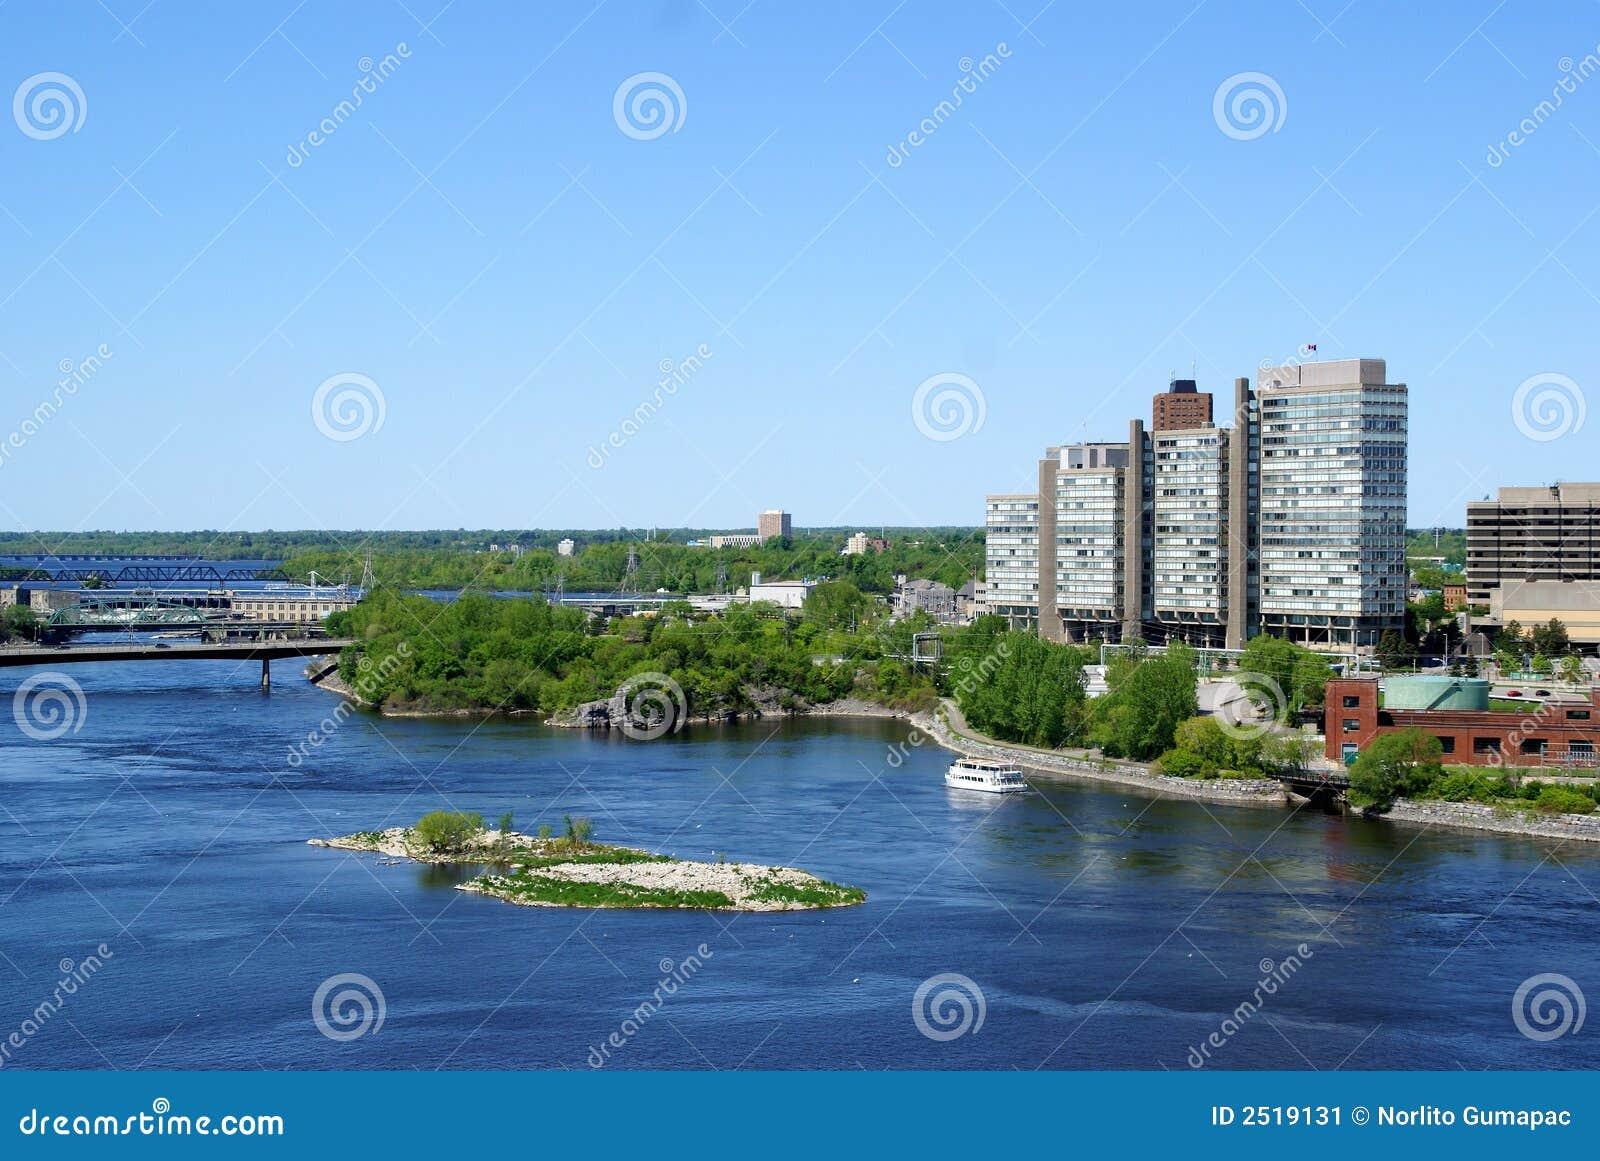 Ottawa ontario river